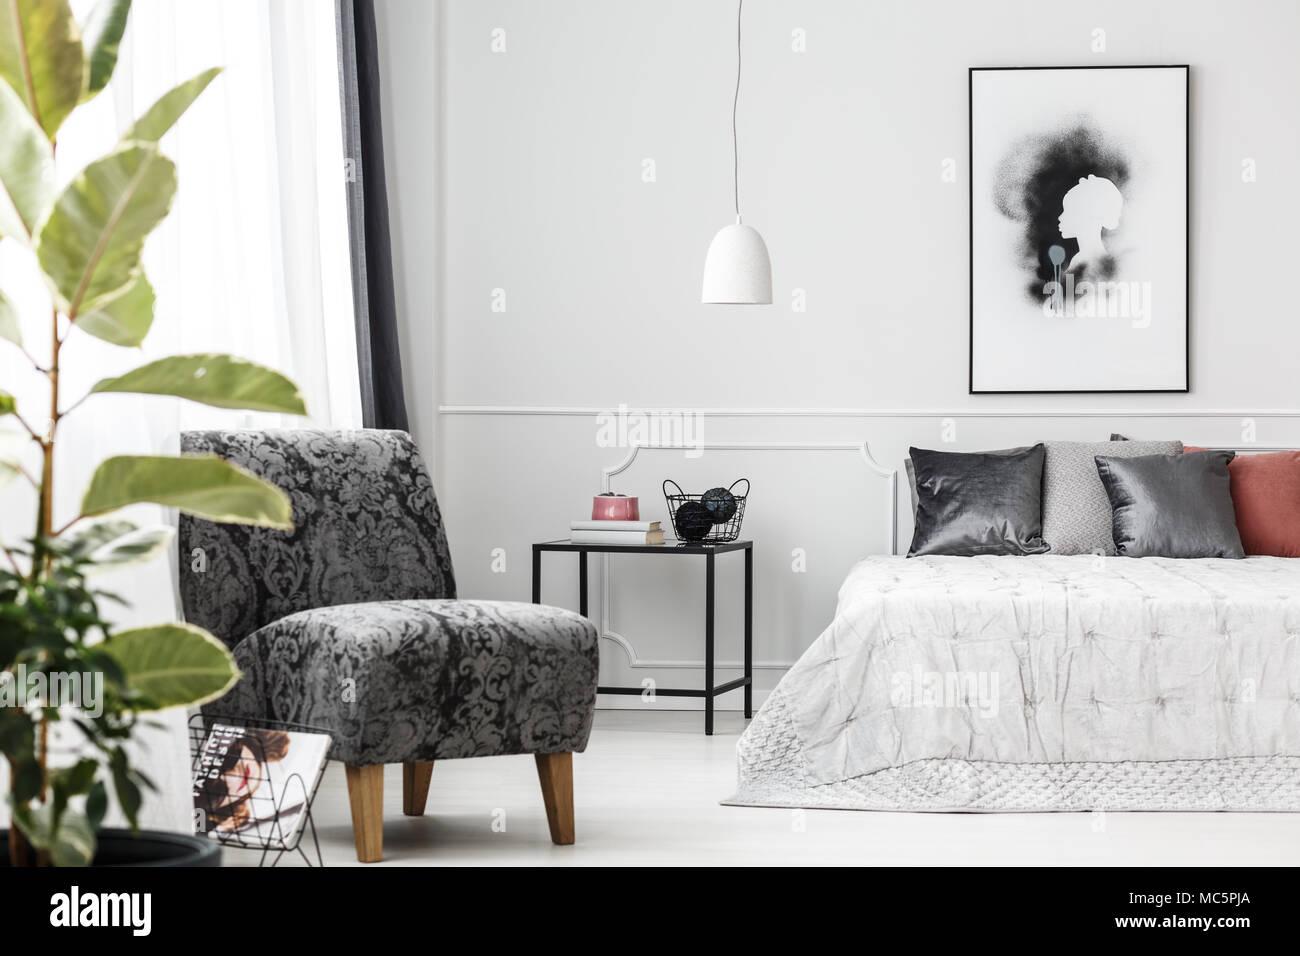 Grau Sessel Stand In Hellen Weiblichen Schlafzimmer Innenraum Mit Poster An  Der Wand Und Silber Kissen Auf Dem Bett